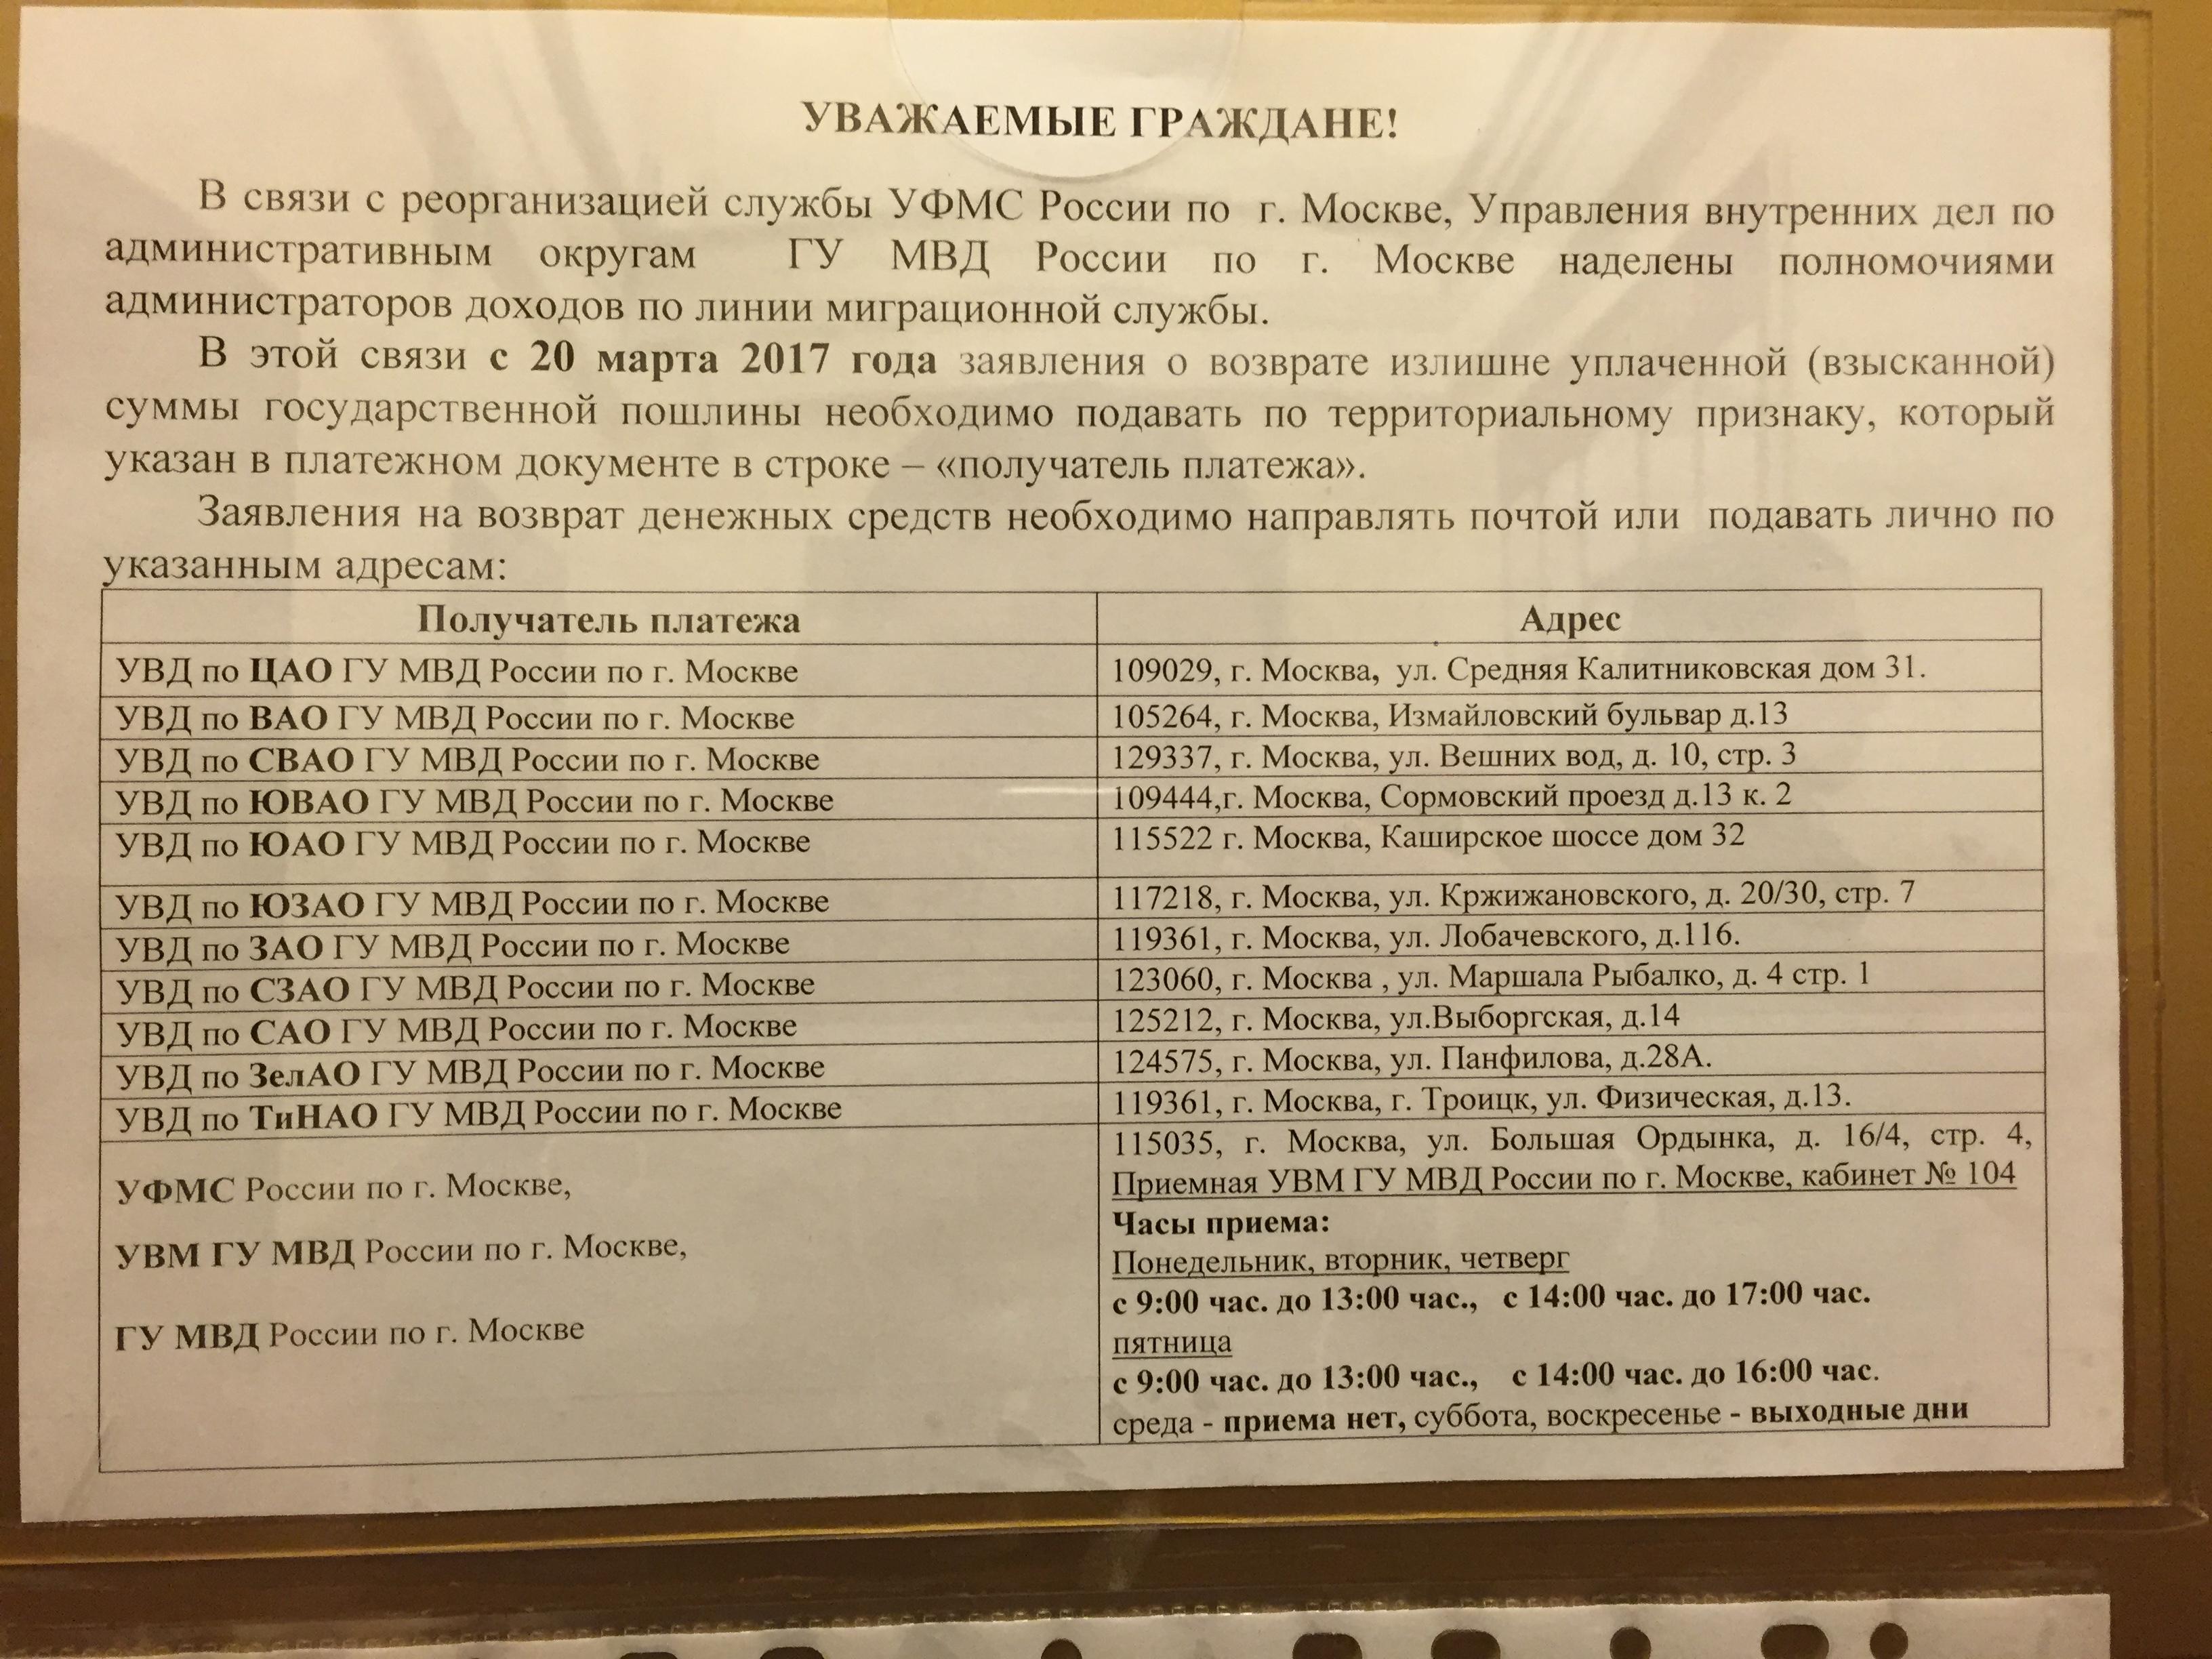 Бухгалтерия уфмс по г москве бухгалтерия мирэа на юго западной телефон